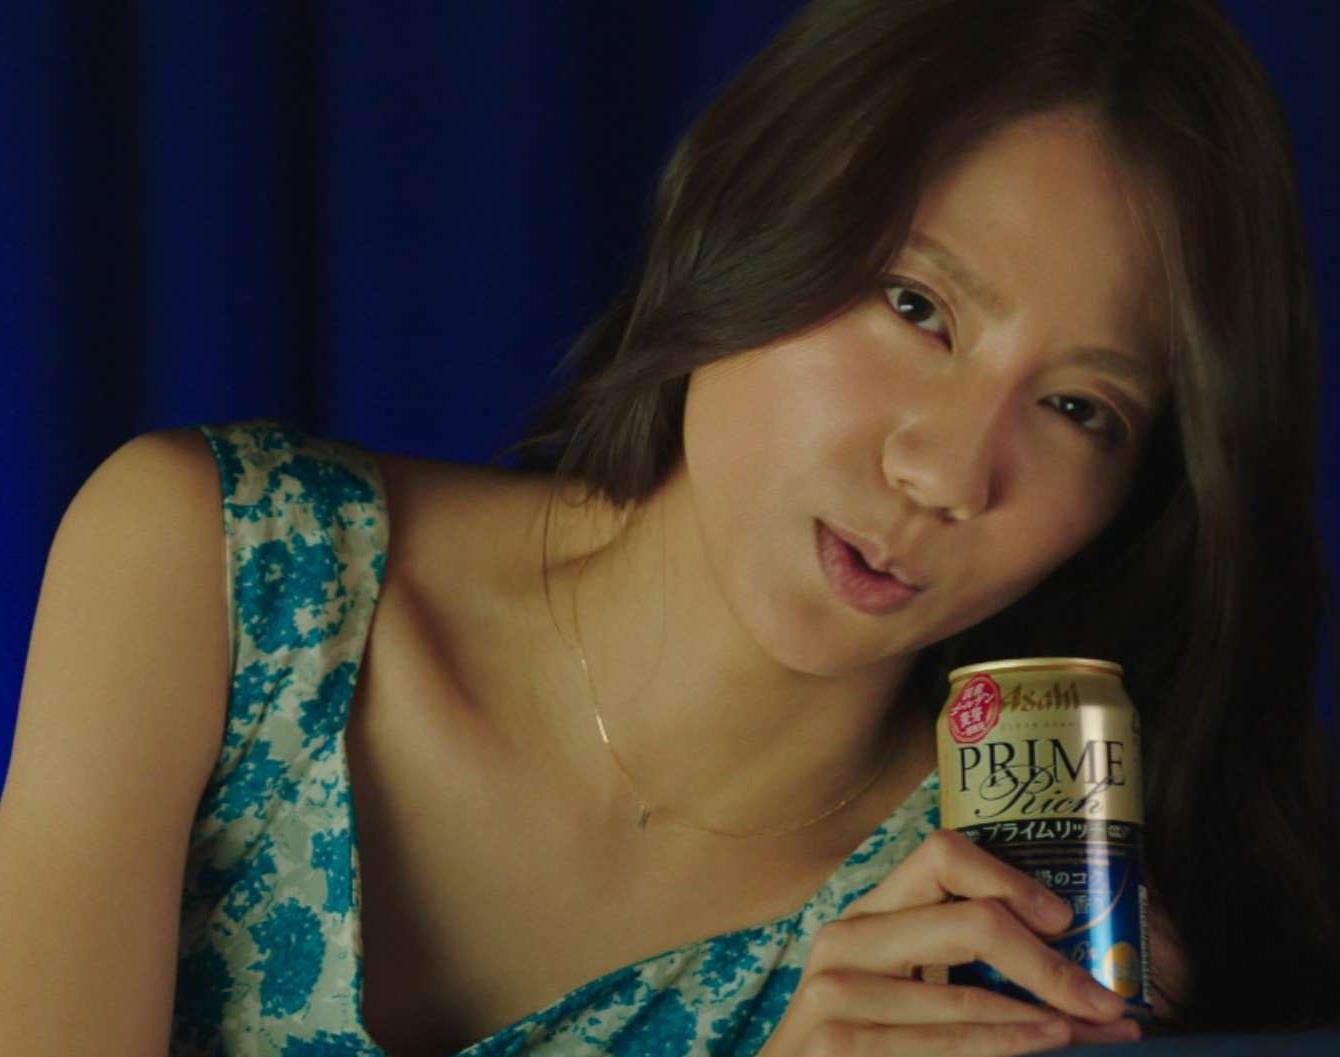 松下奈緒 色っぽいビールのCMキャプ画像(エロ・アイコラ画像)